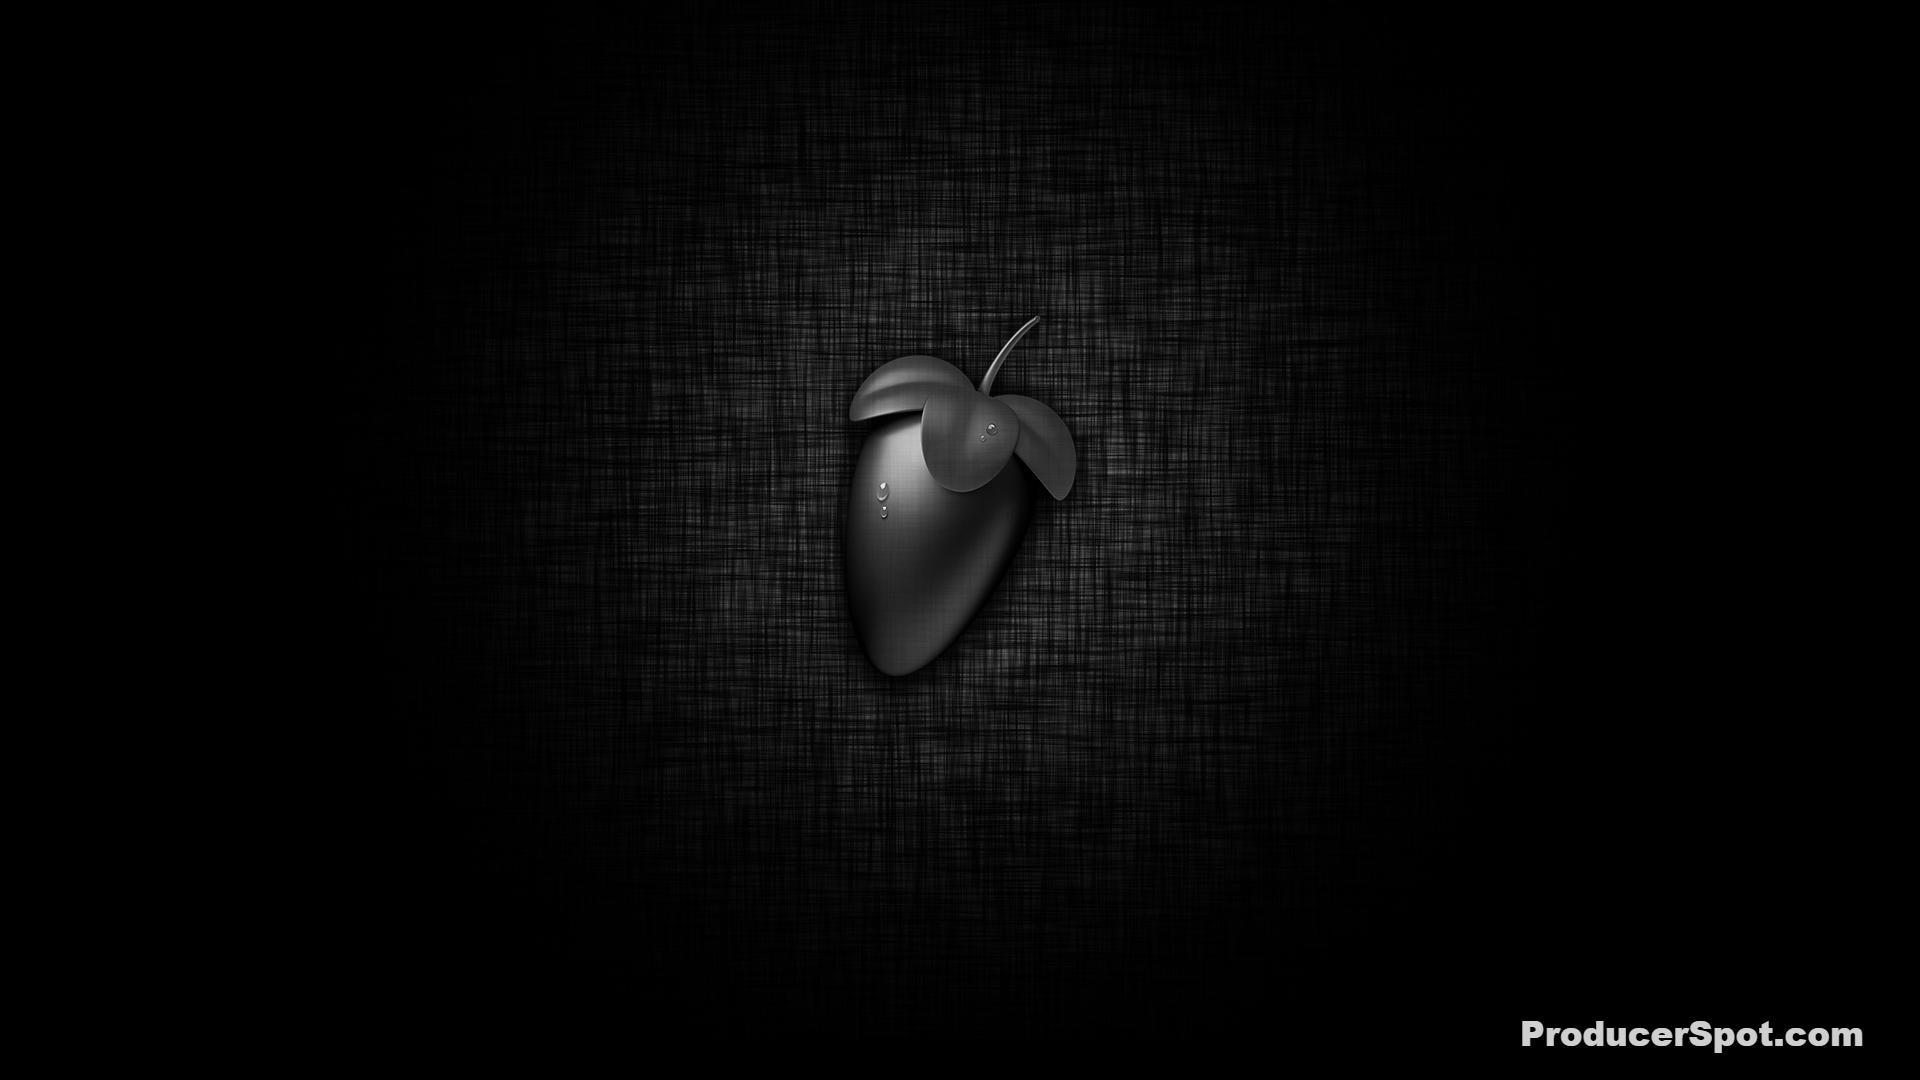 FL Studio 12 Wallpaper HD   Imgur 1920x1080